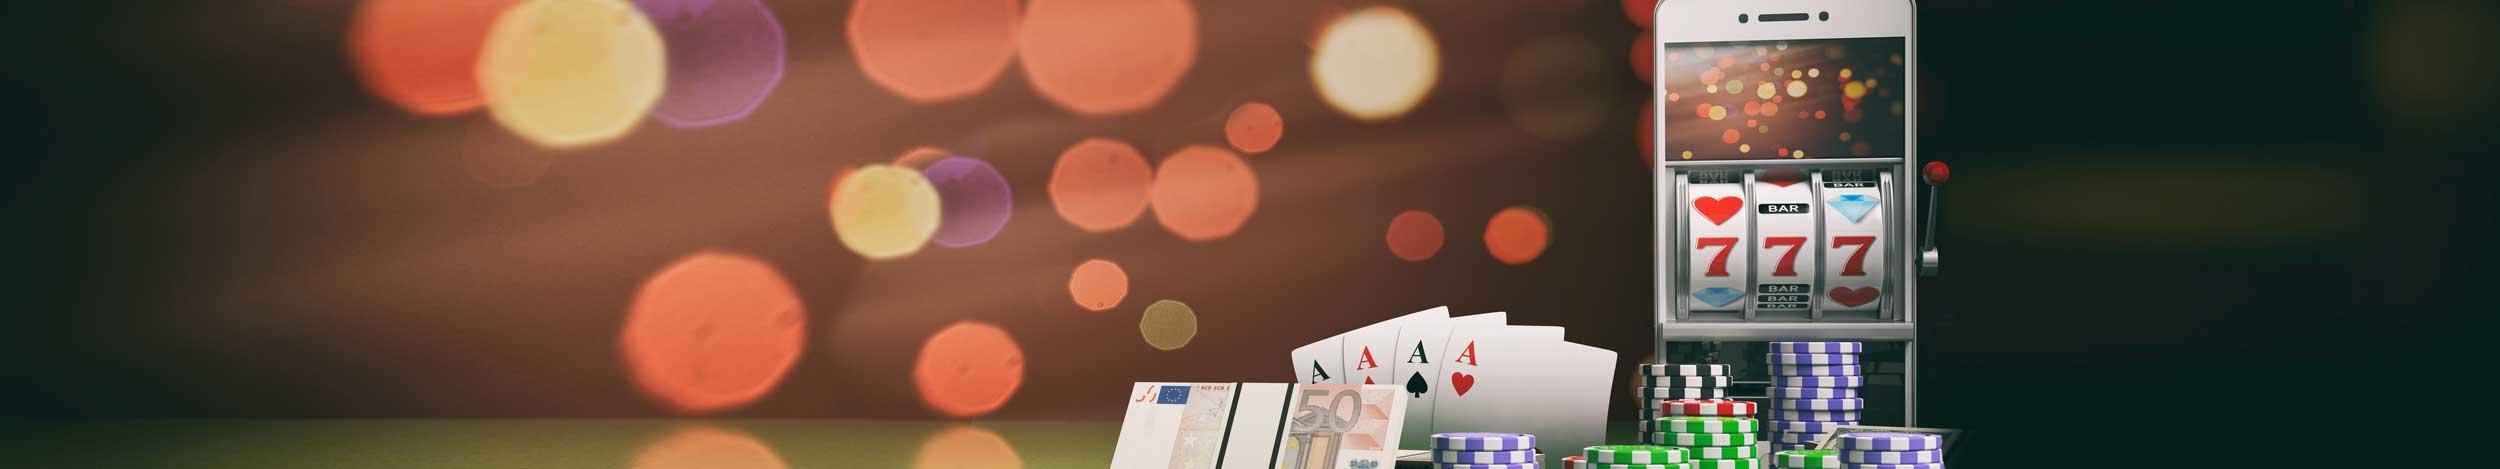 Pokerstars Casino 649941